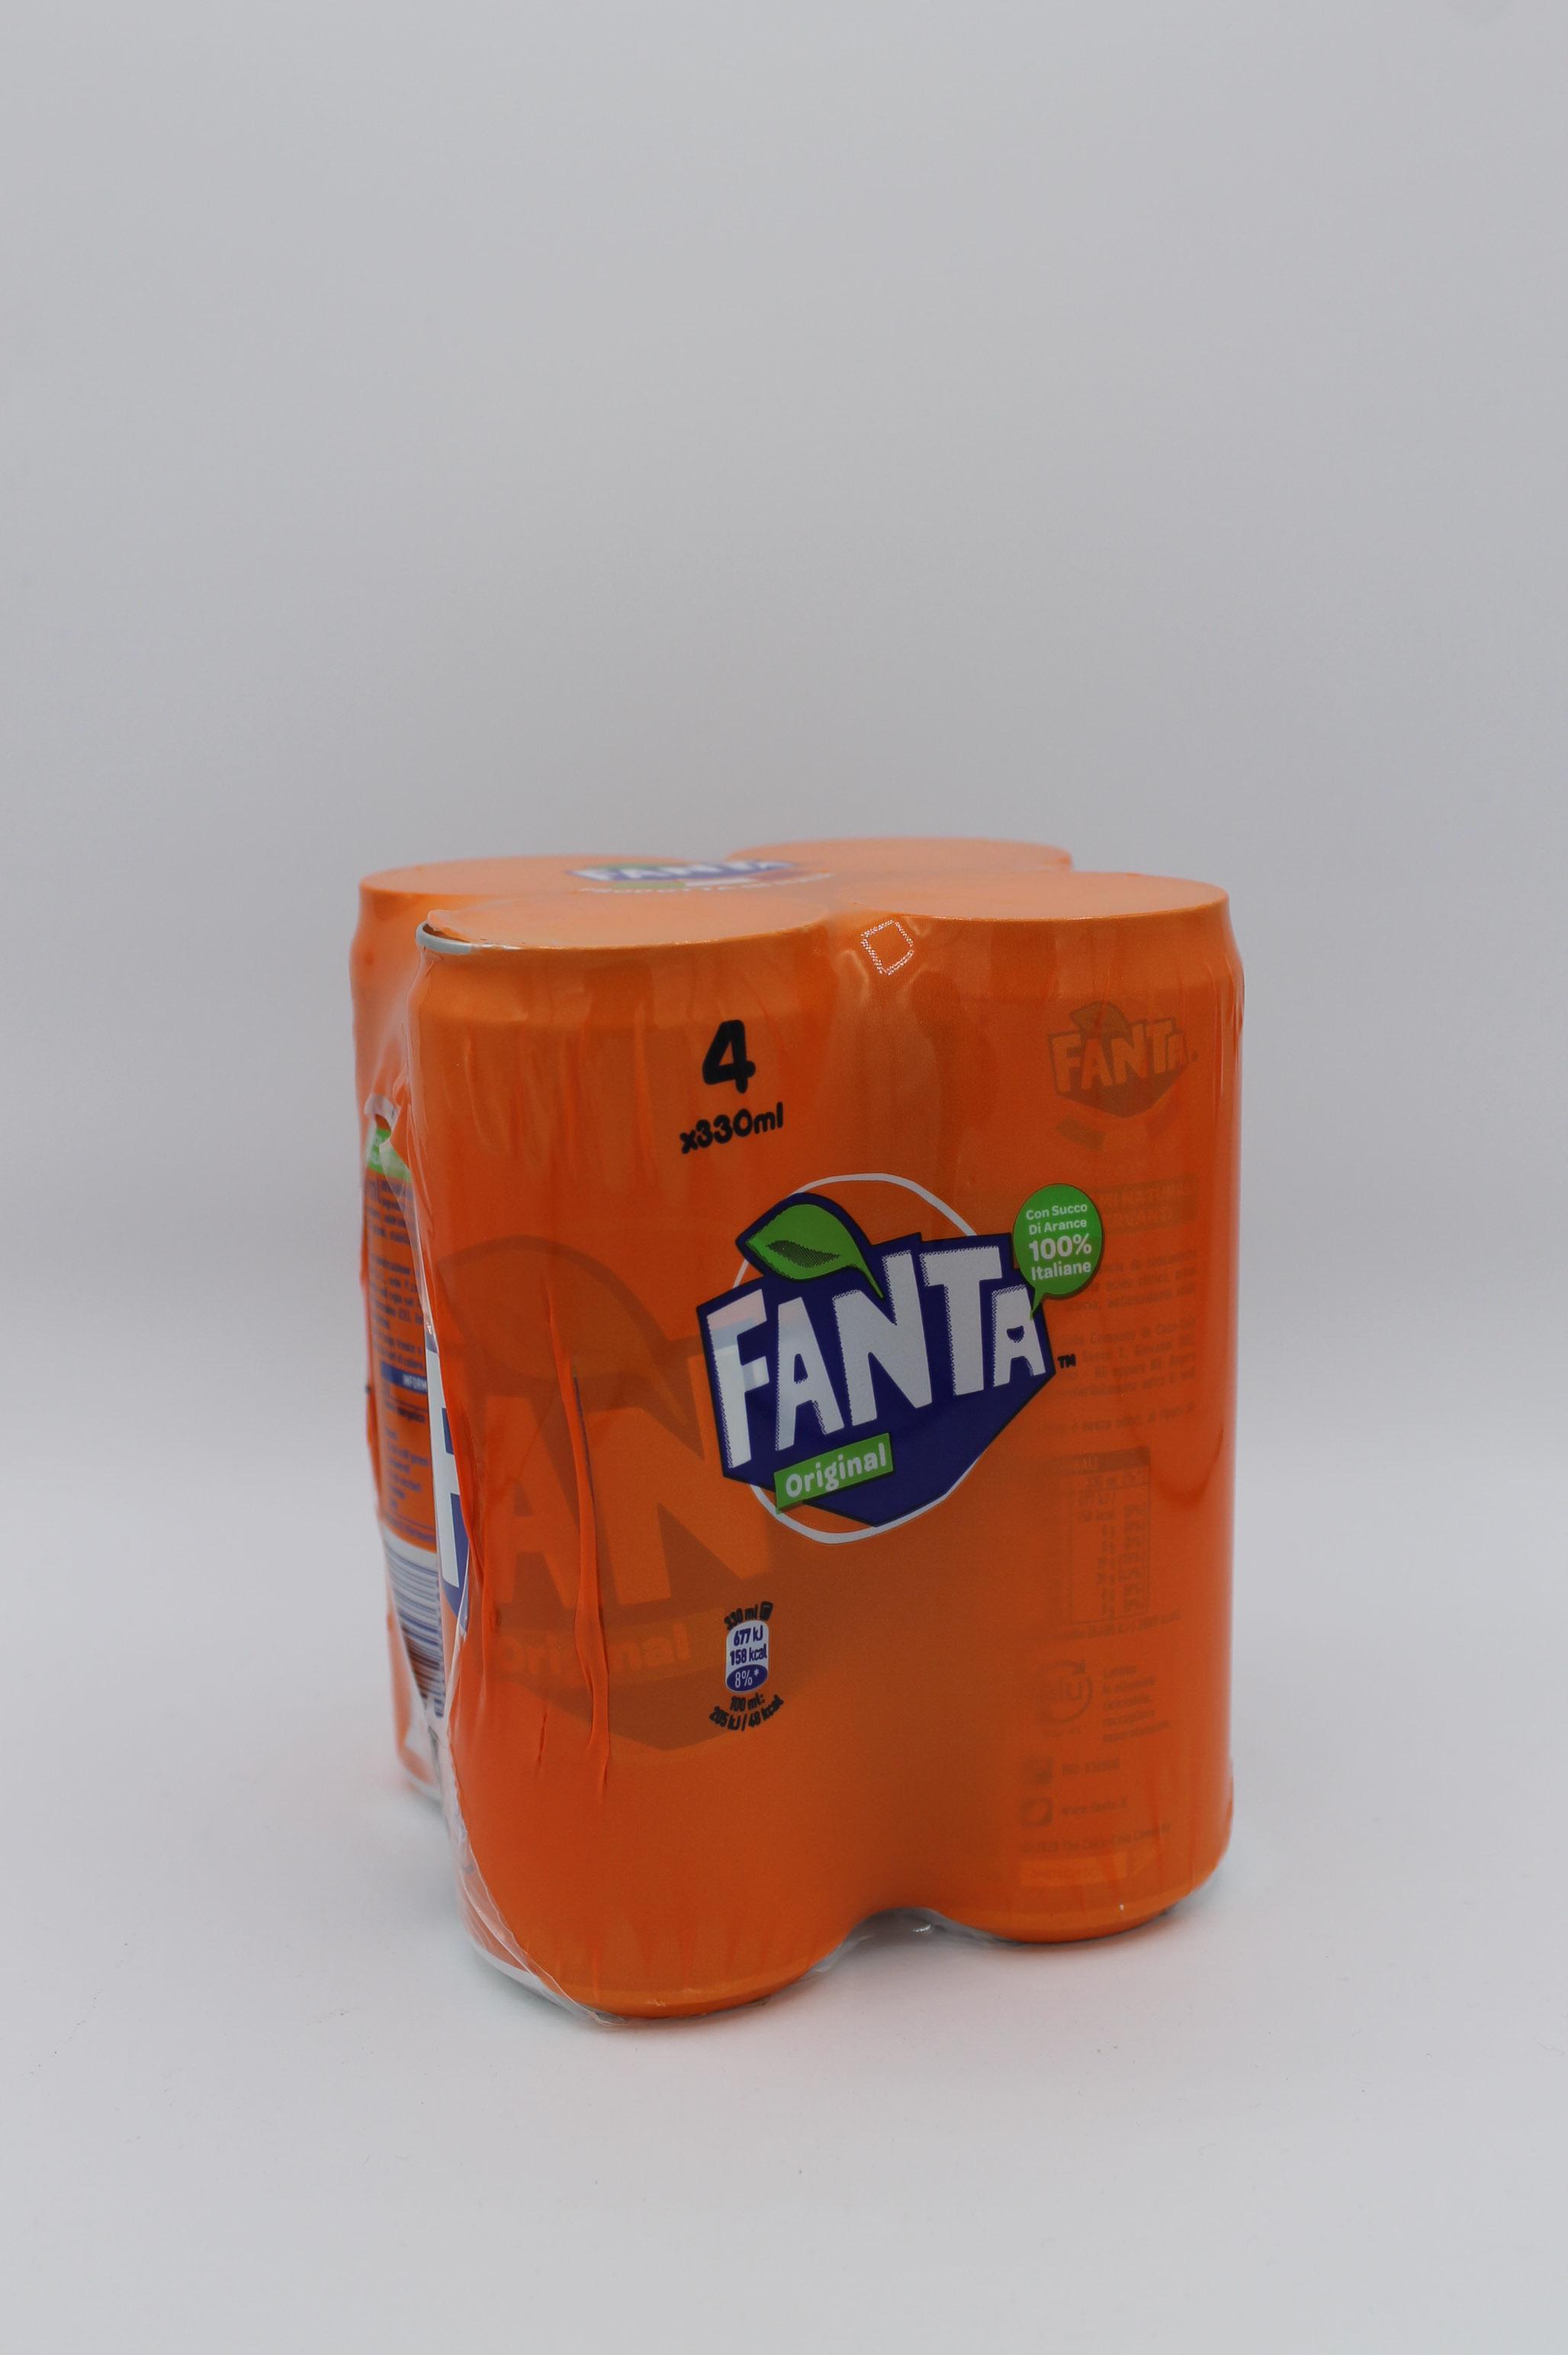 Fanta Orange lattina 4x330ml.